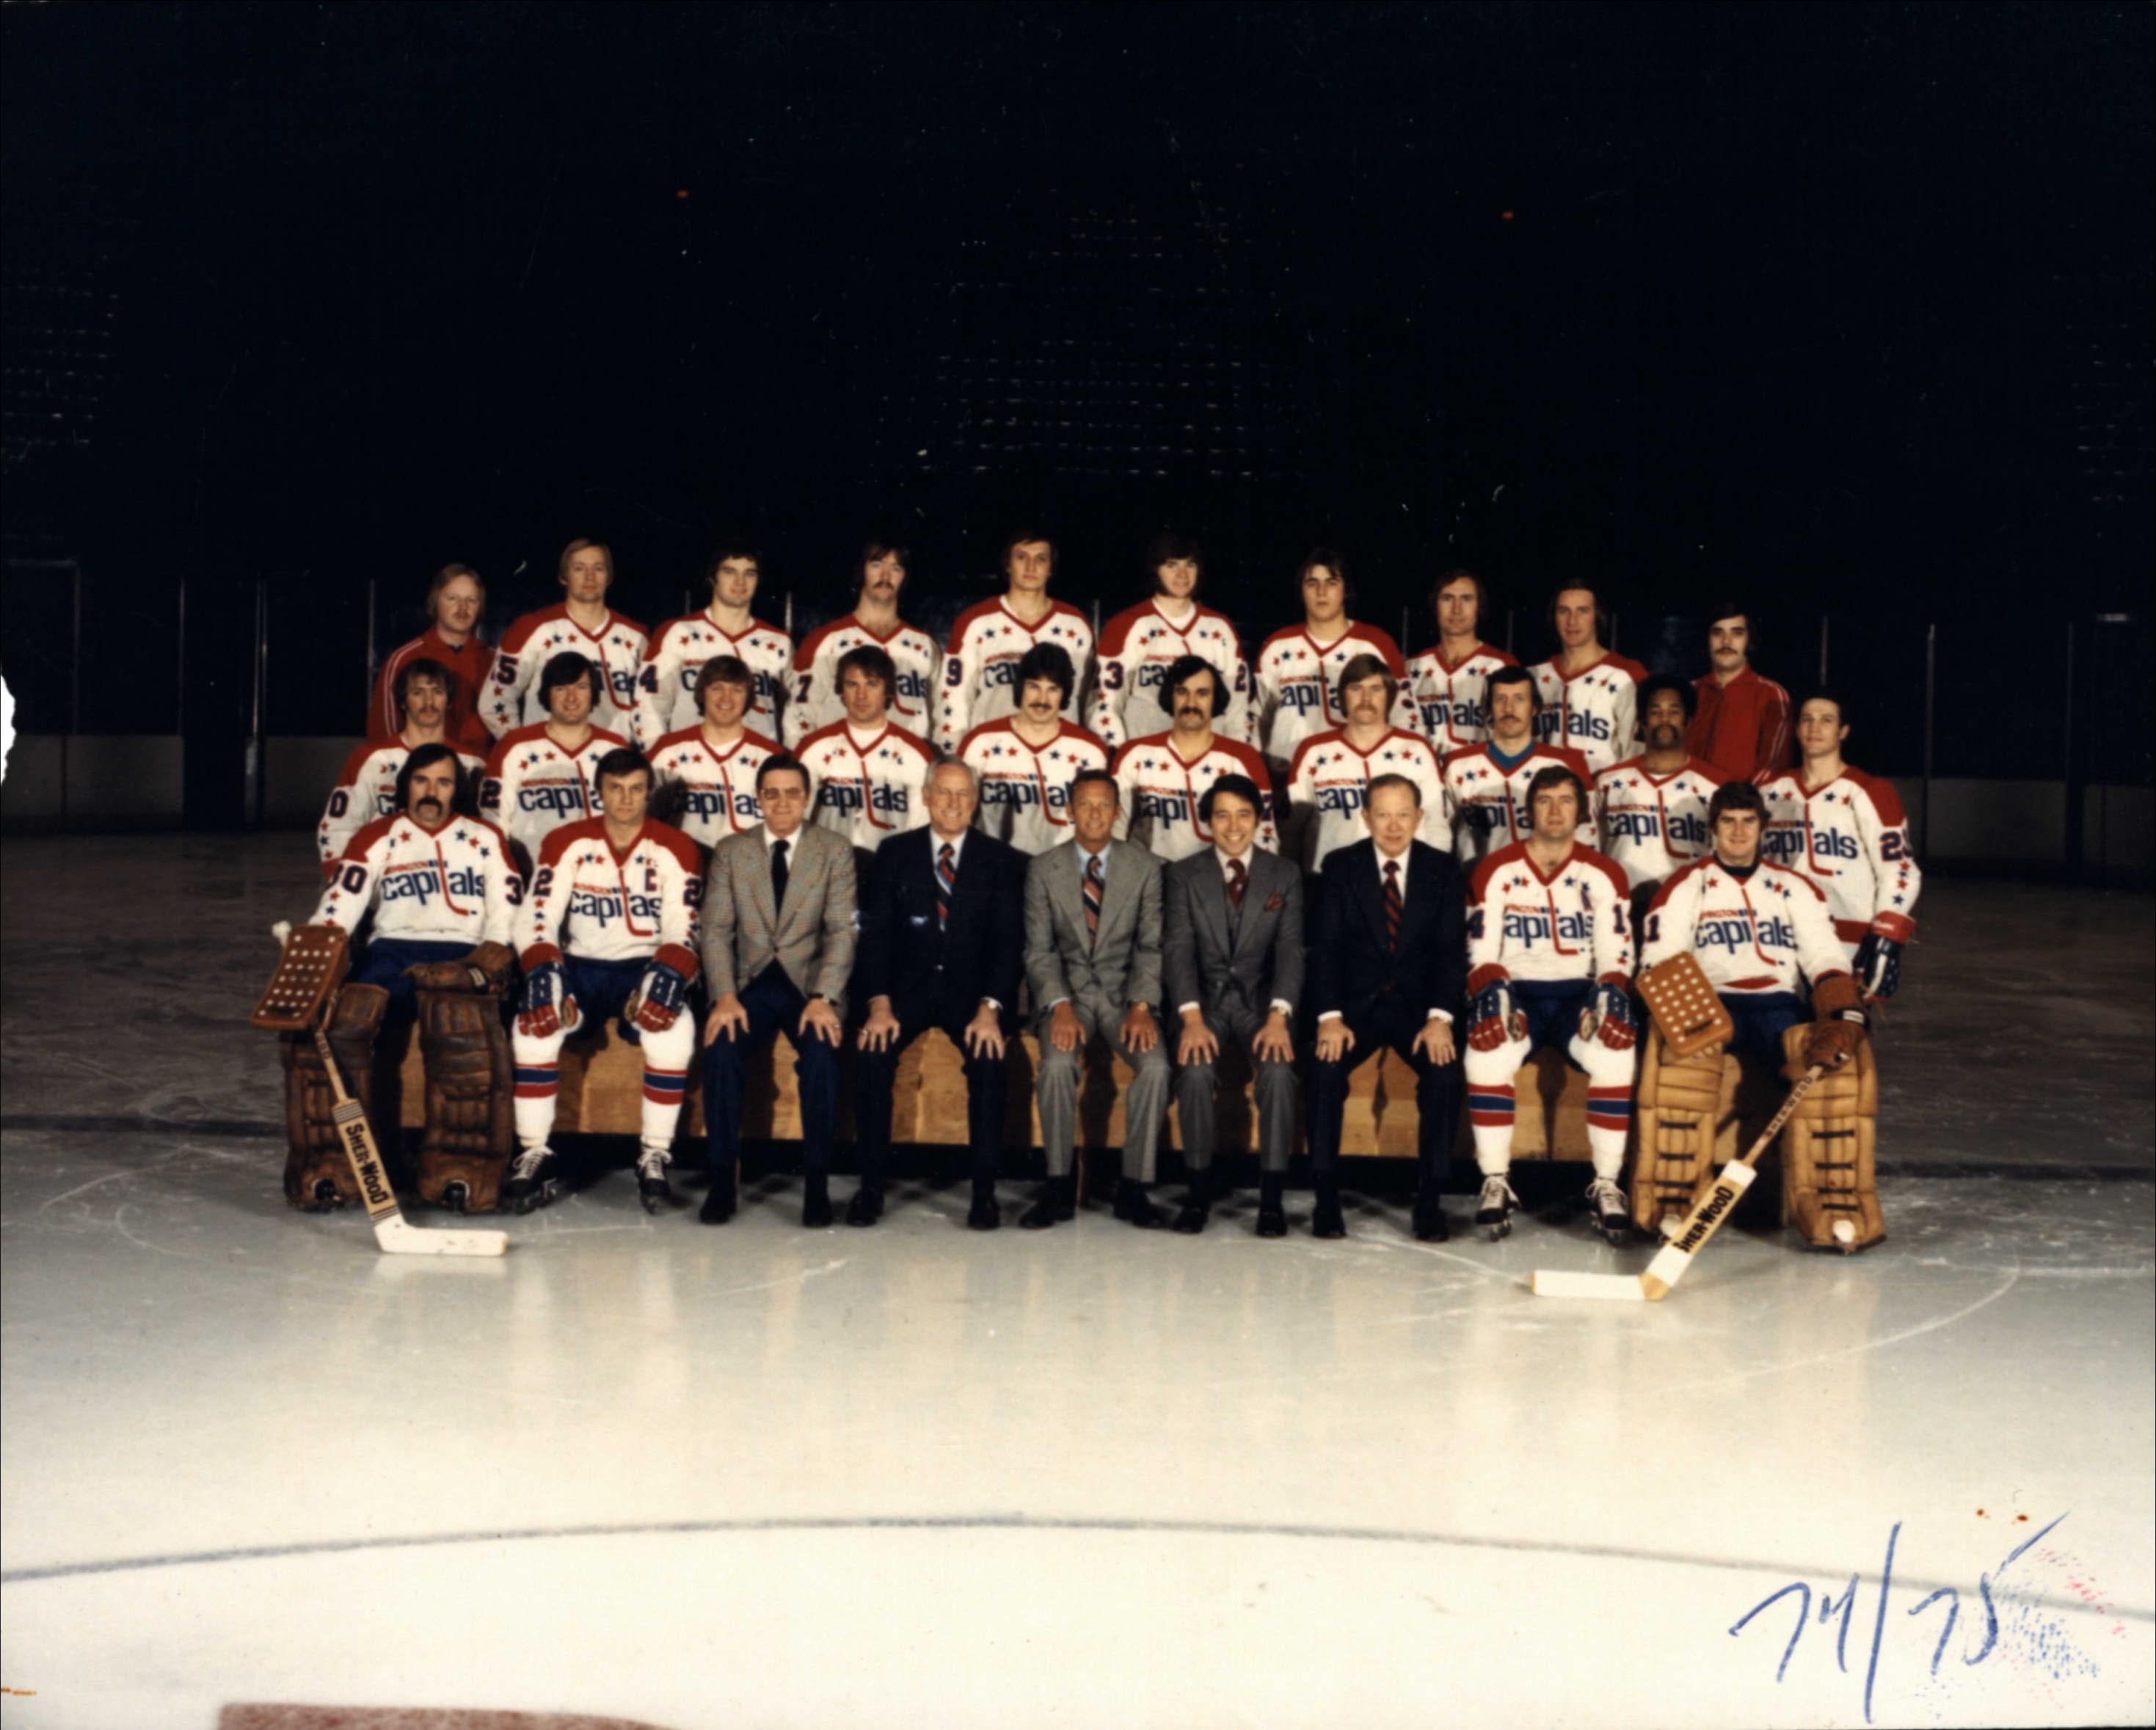 1974-75 Caps